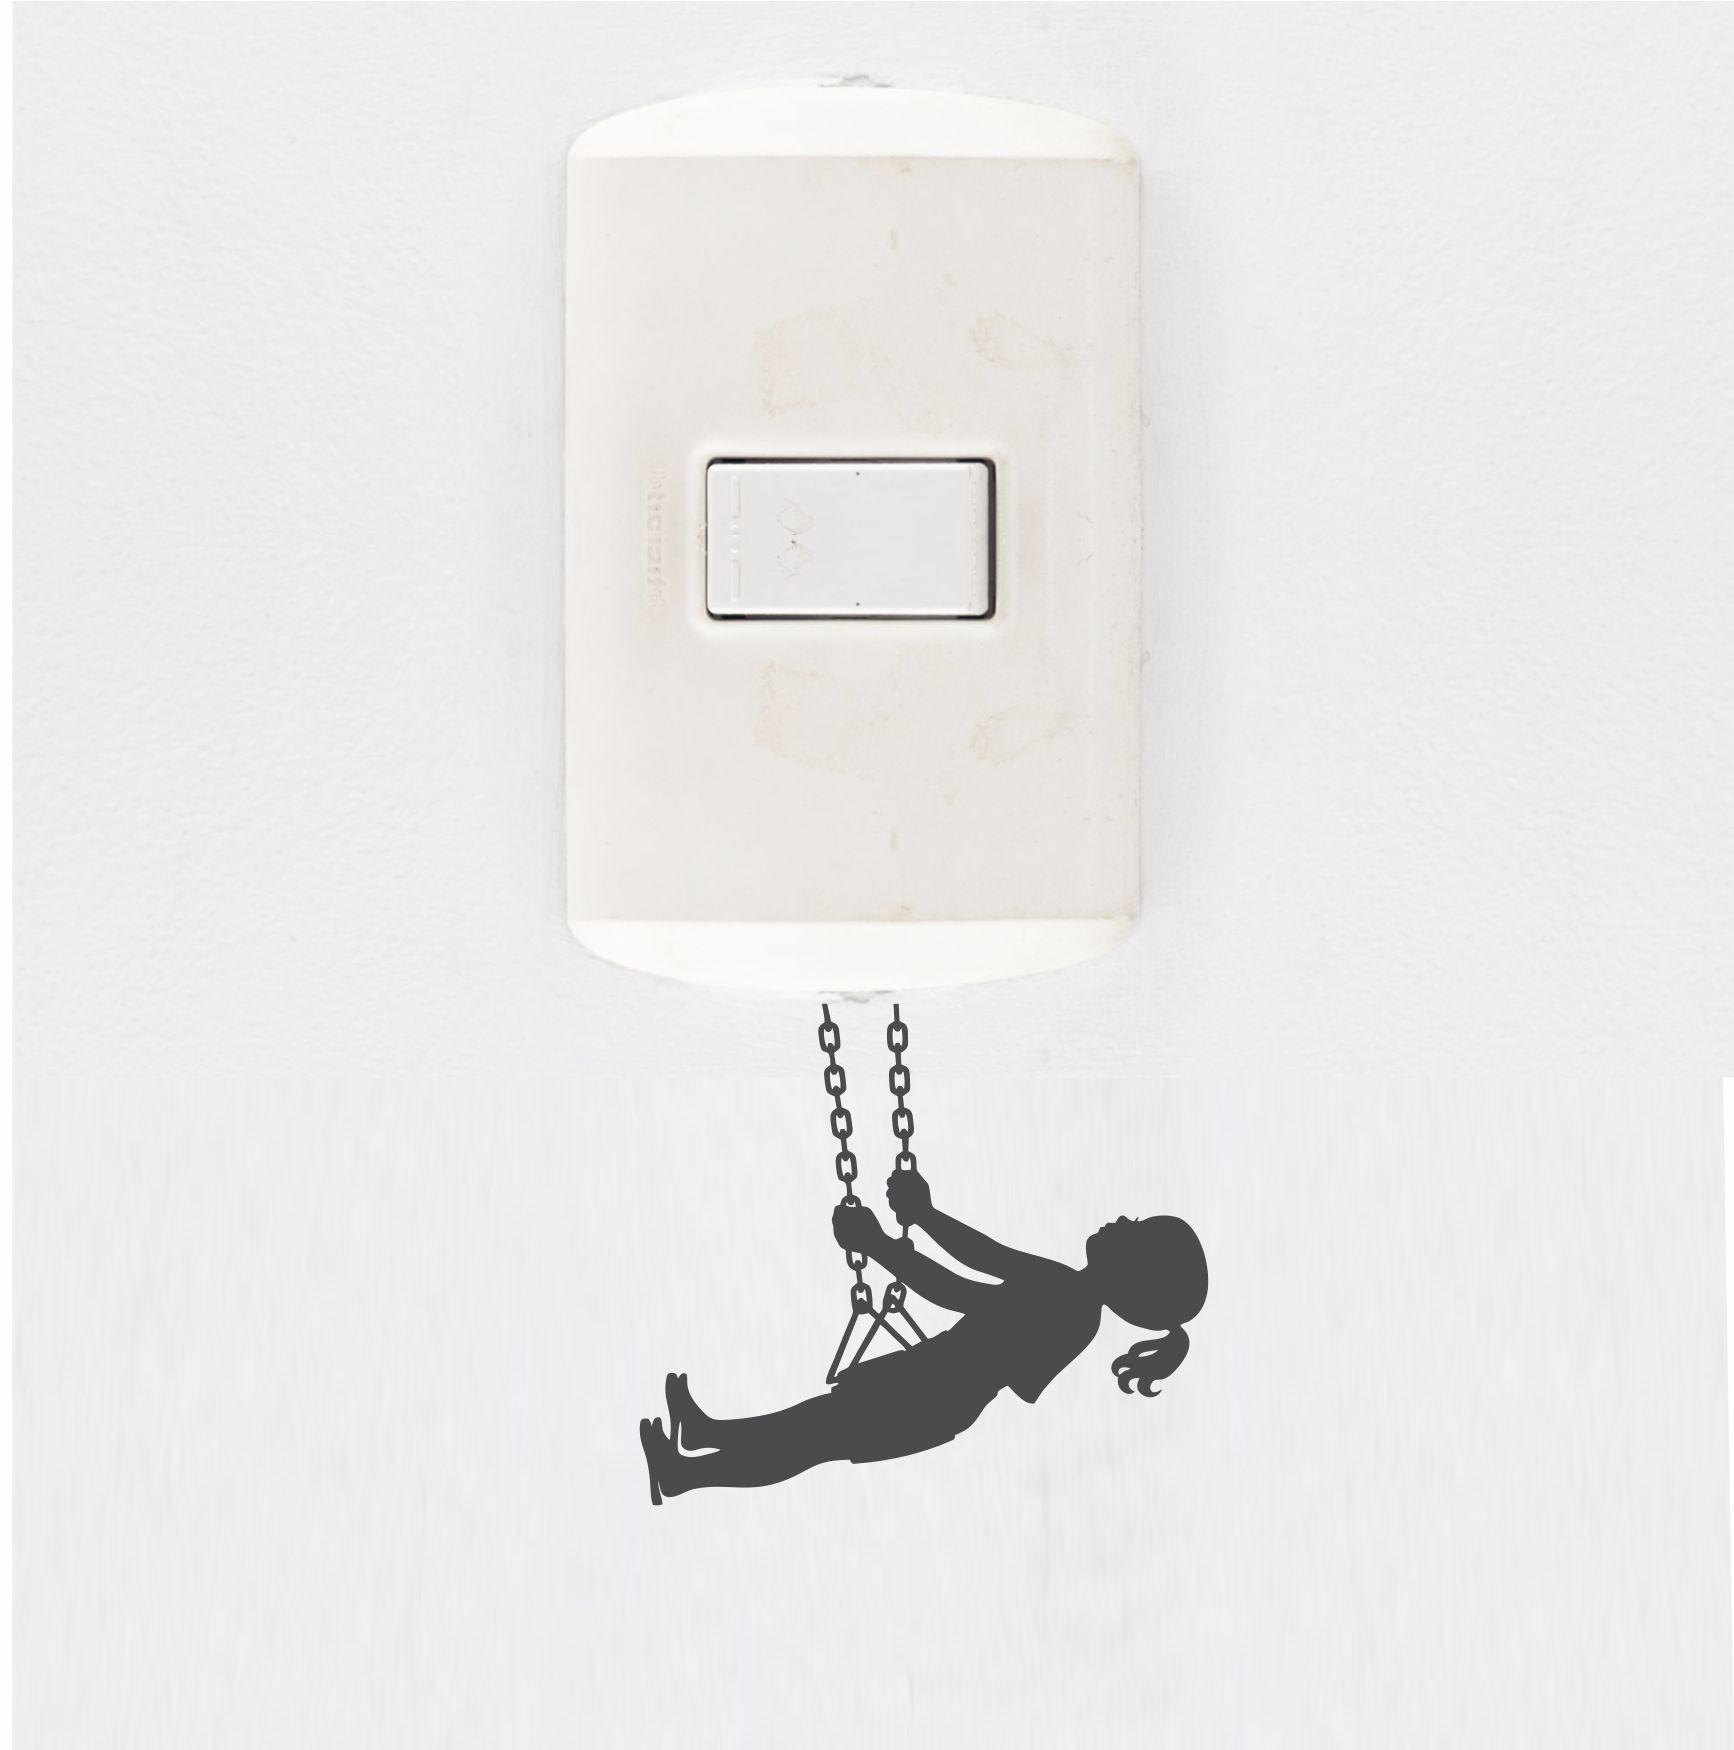 Adesivo de Interruptor e Tomada - Balanço